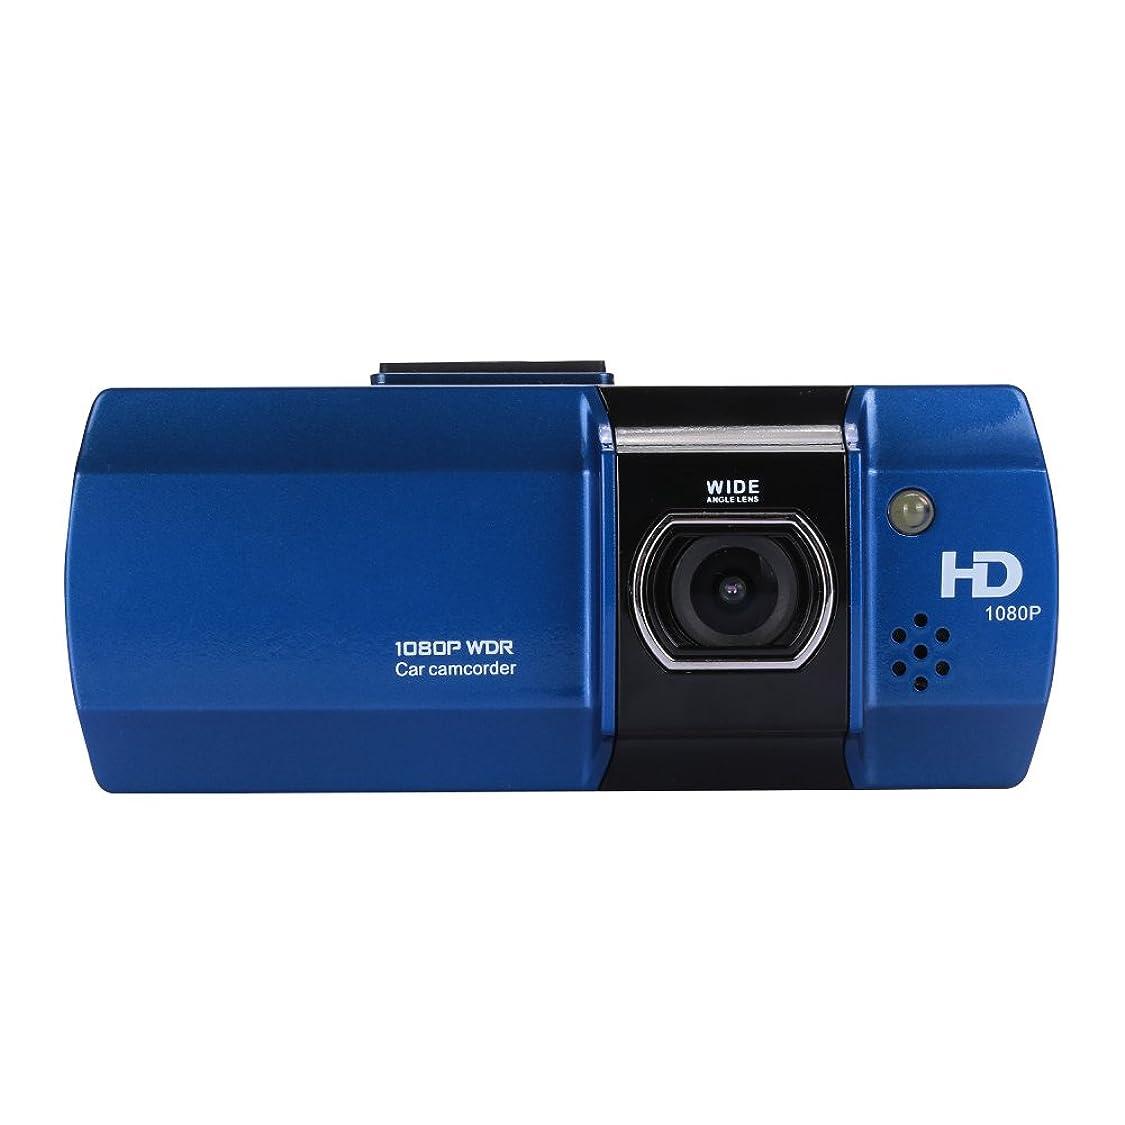 ブレンドぬれた運命Springdoit ミニ DVR ビデオカメラ モーション検知 オートオン/オフ ナイトビジョン 1080P HD プレミアム